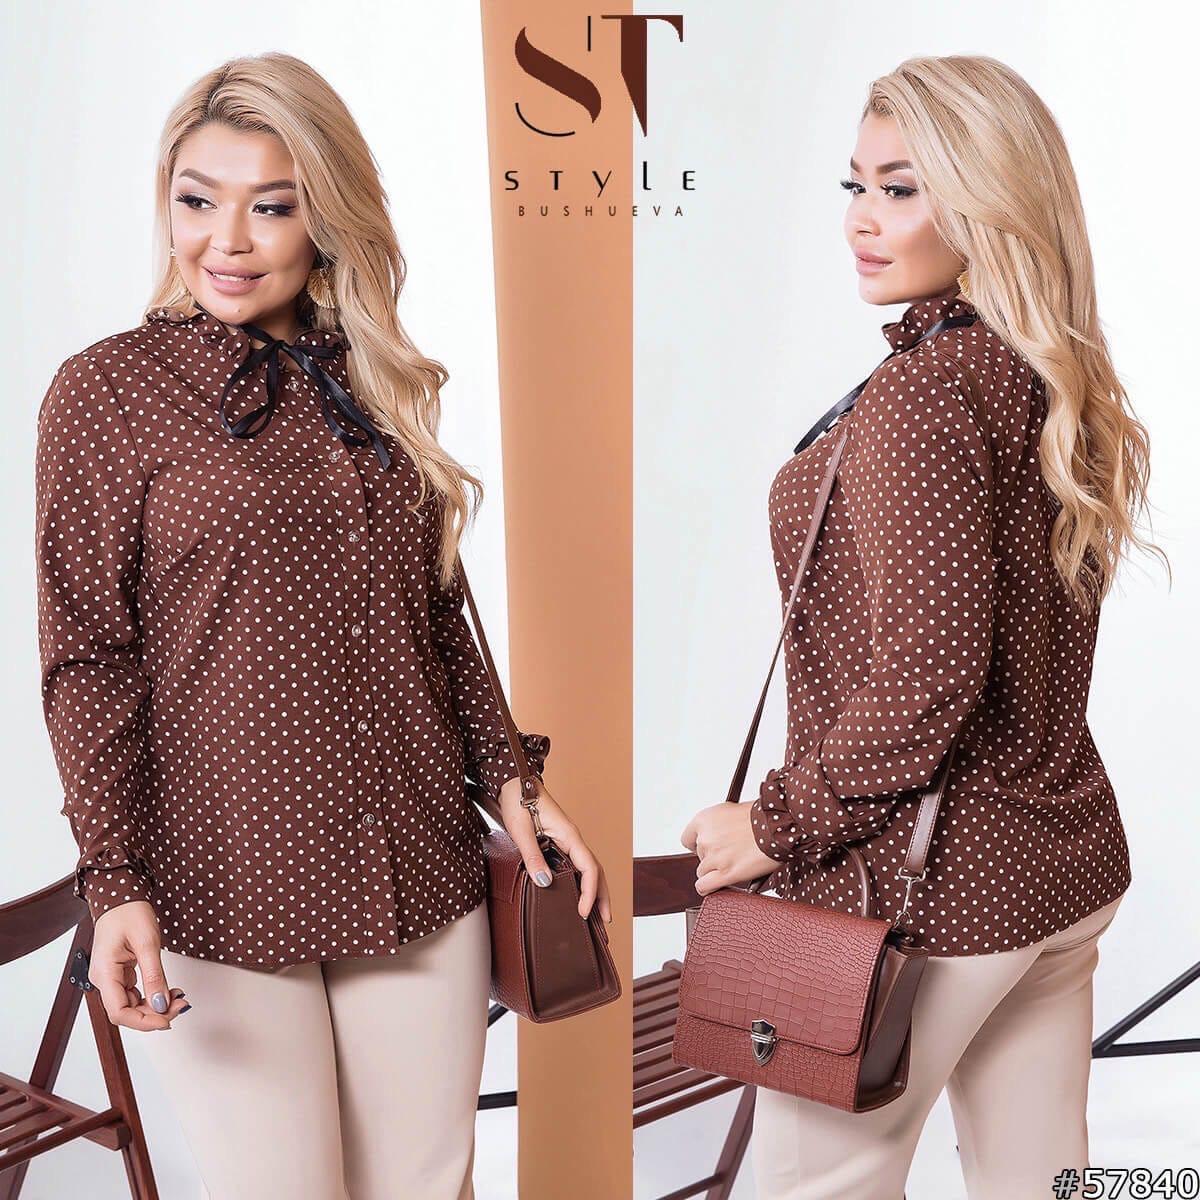 Классическая рубашка-блуза женская летняя большого размера с воротник, 12 цветов, р.50-52,54-56,58-60 код 272Э